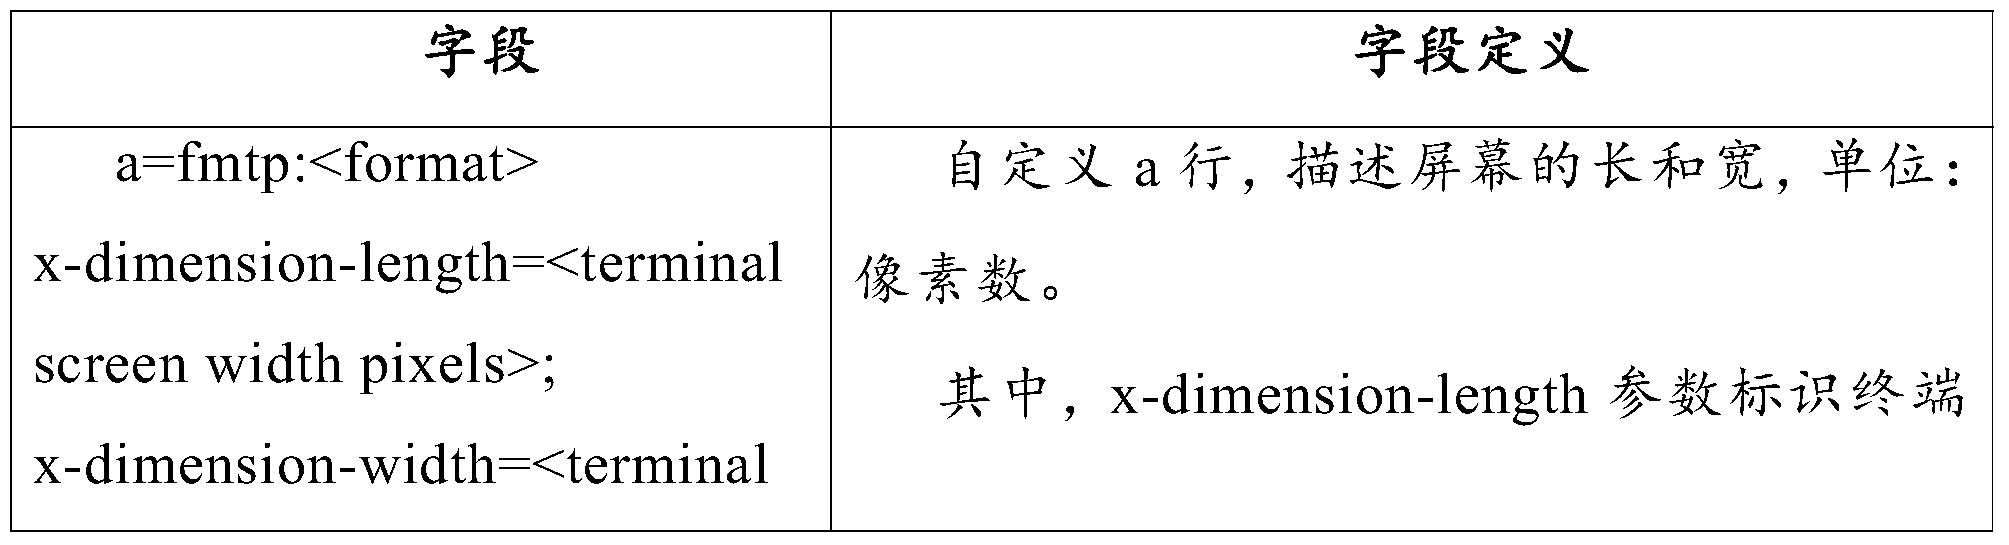 Figure PCTCN2014092795-appb-000002